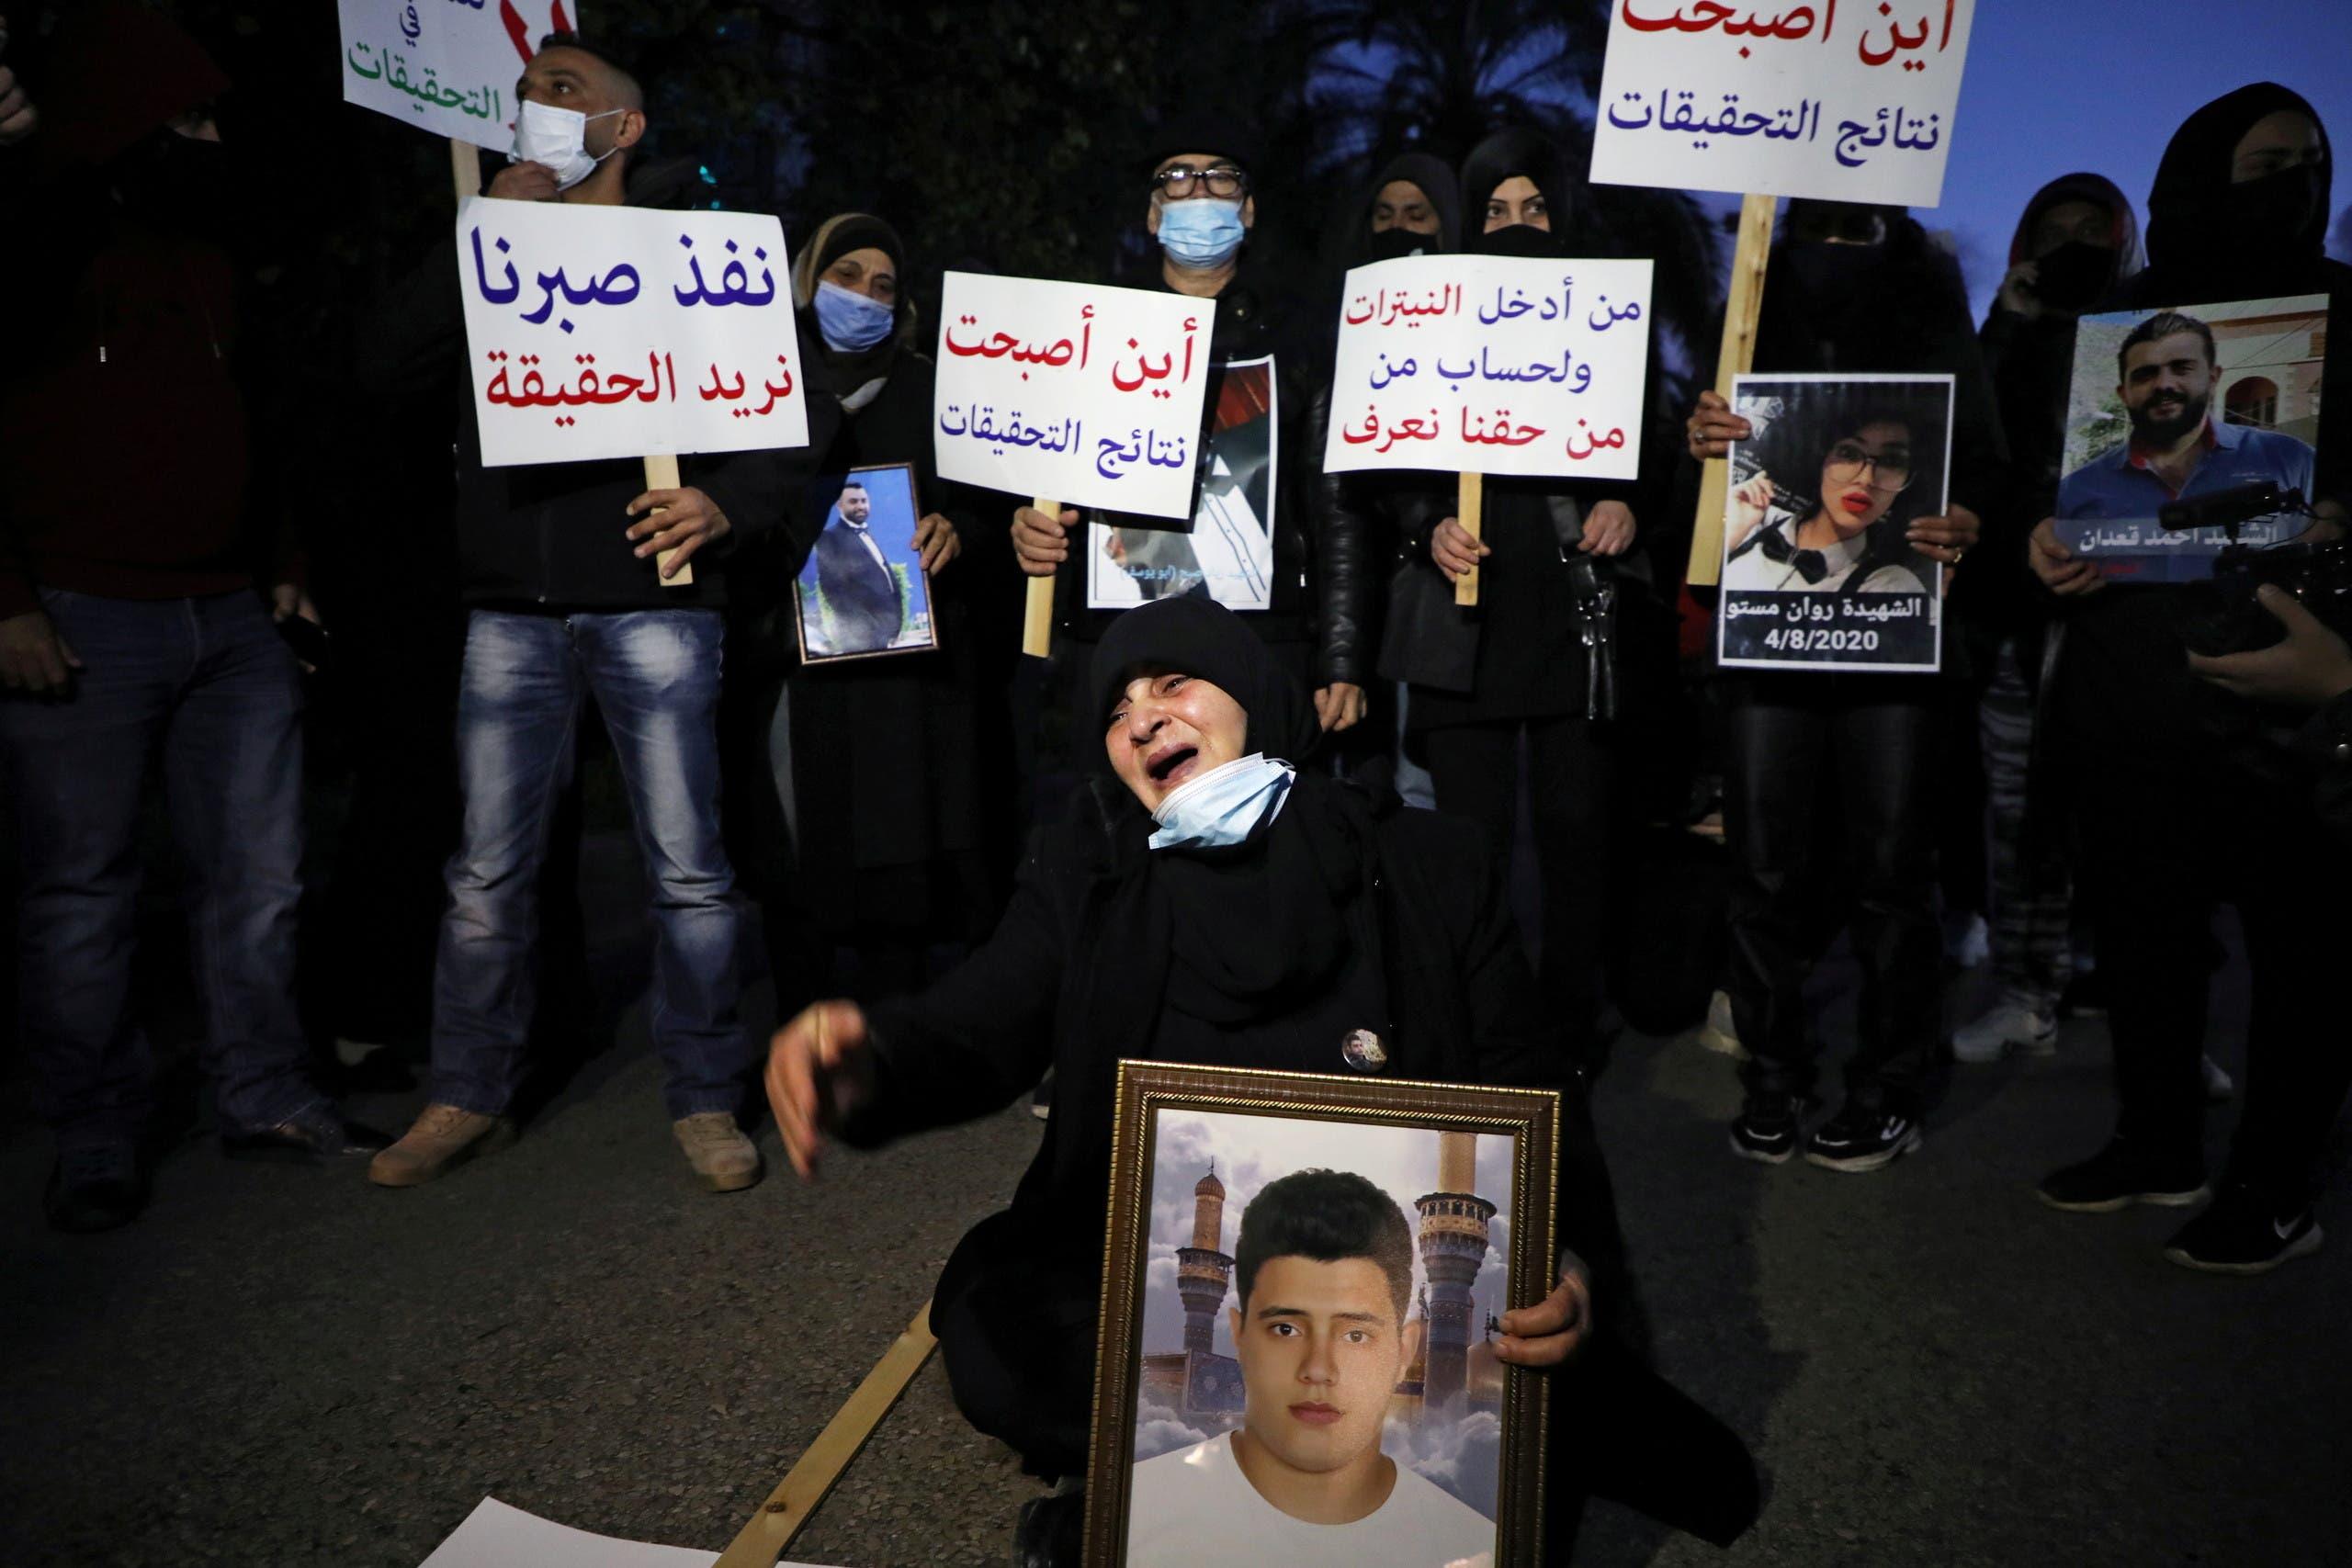 أمام قصر العدل في بيروت يوم 18 فبراير